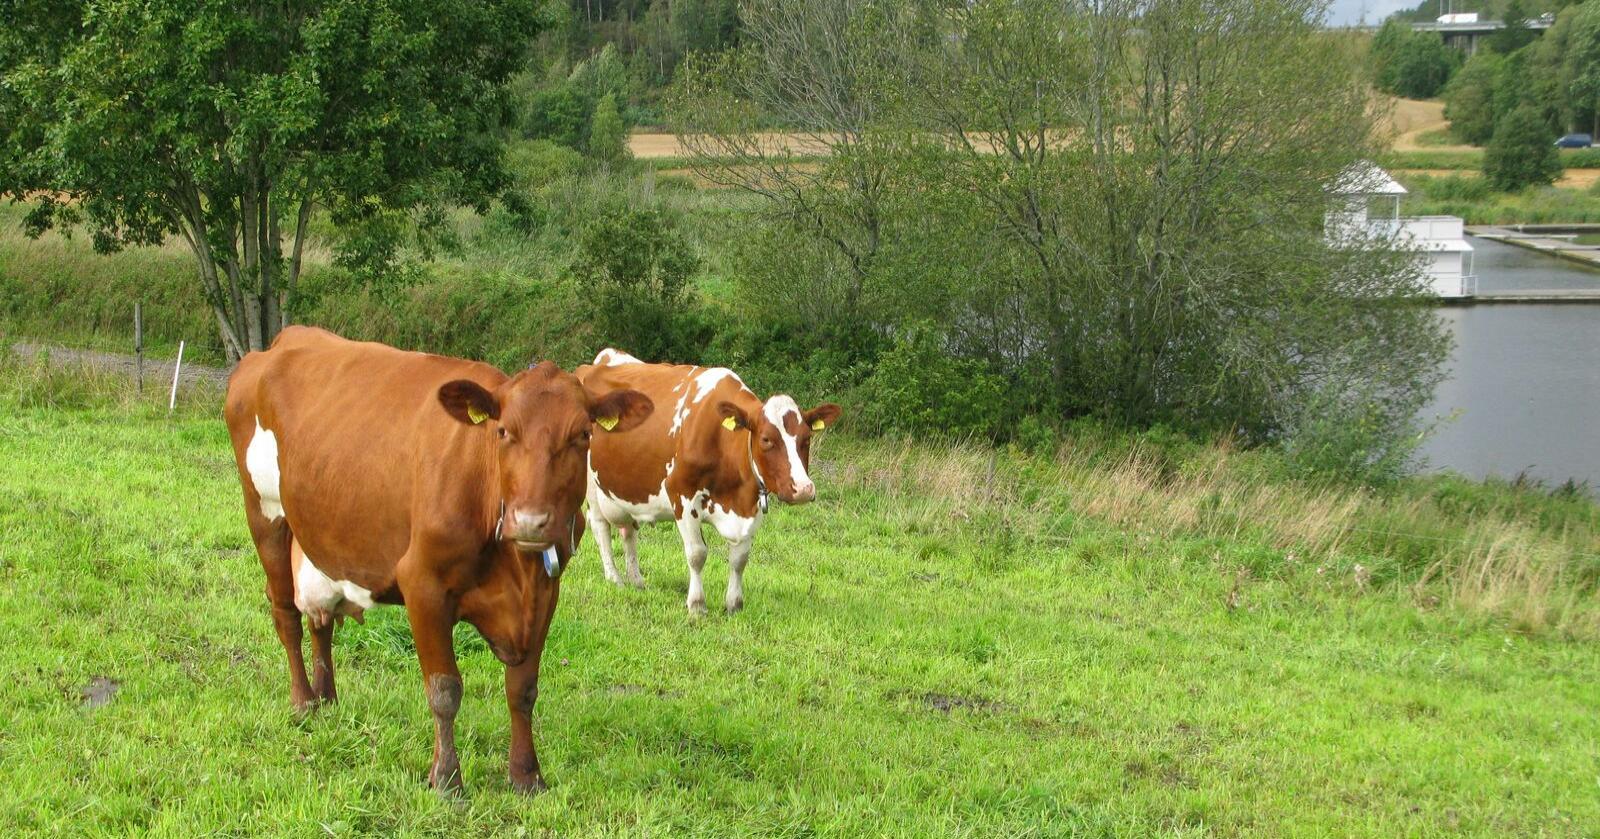 Særlig i år bør du vurdere å levere sommermelk, for å utnytte produksjonen maksimalt, og for å få fylt den økte kvota. Foto: Marianne Røhme